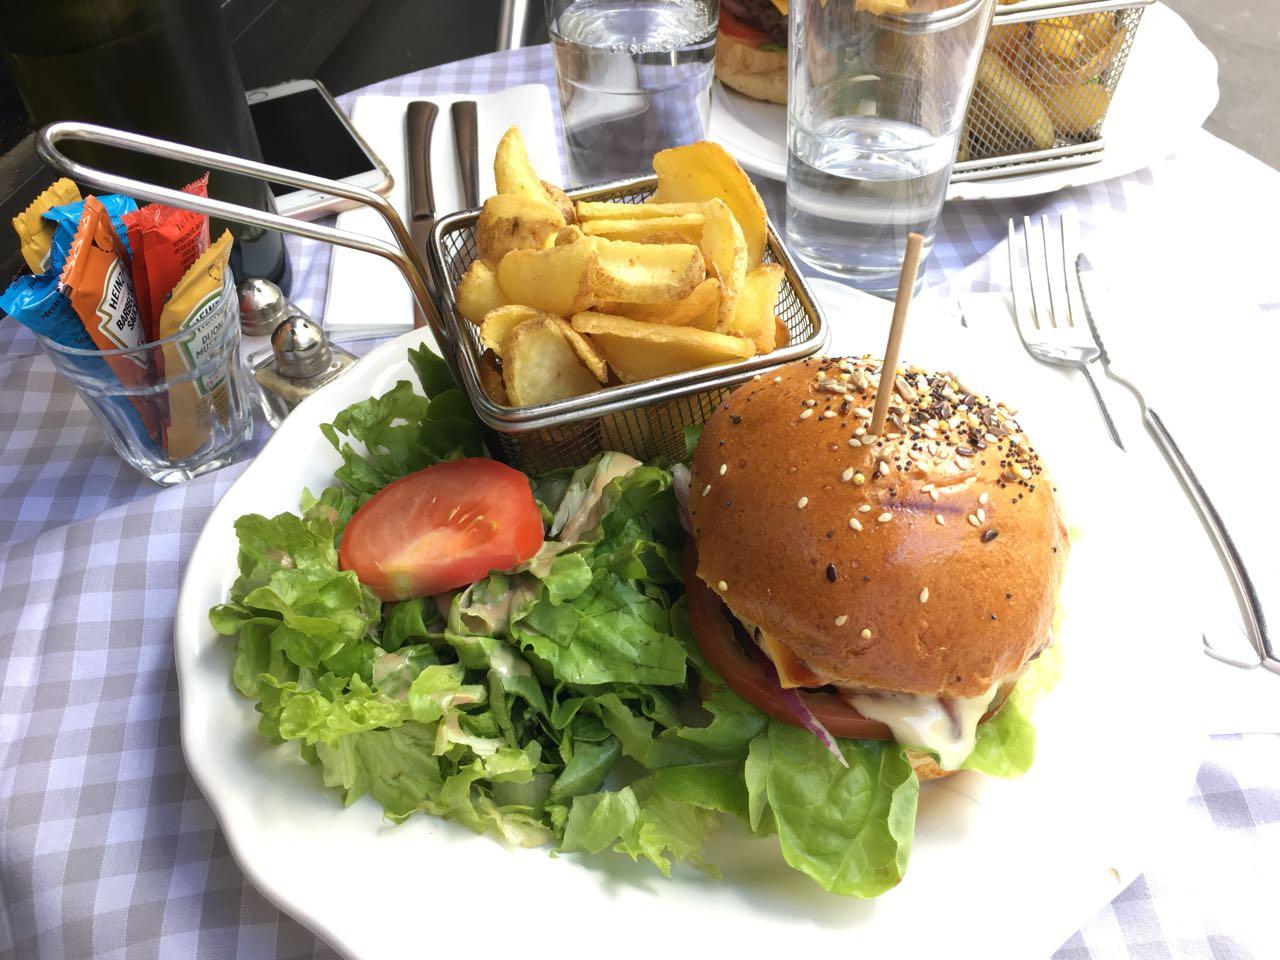 restaurant-smiley-wochenende-in-paris-reiseblogger-tipps-reiseübelkeit-reisen-frankreich